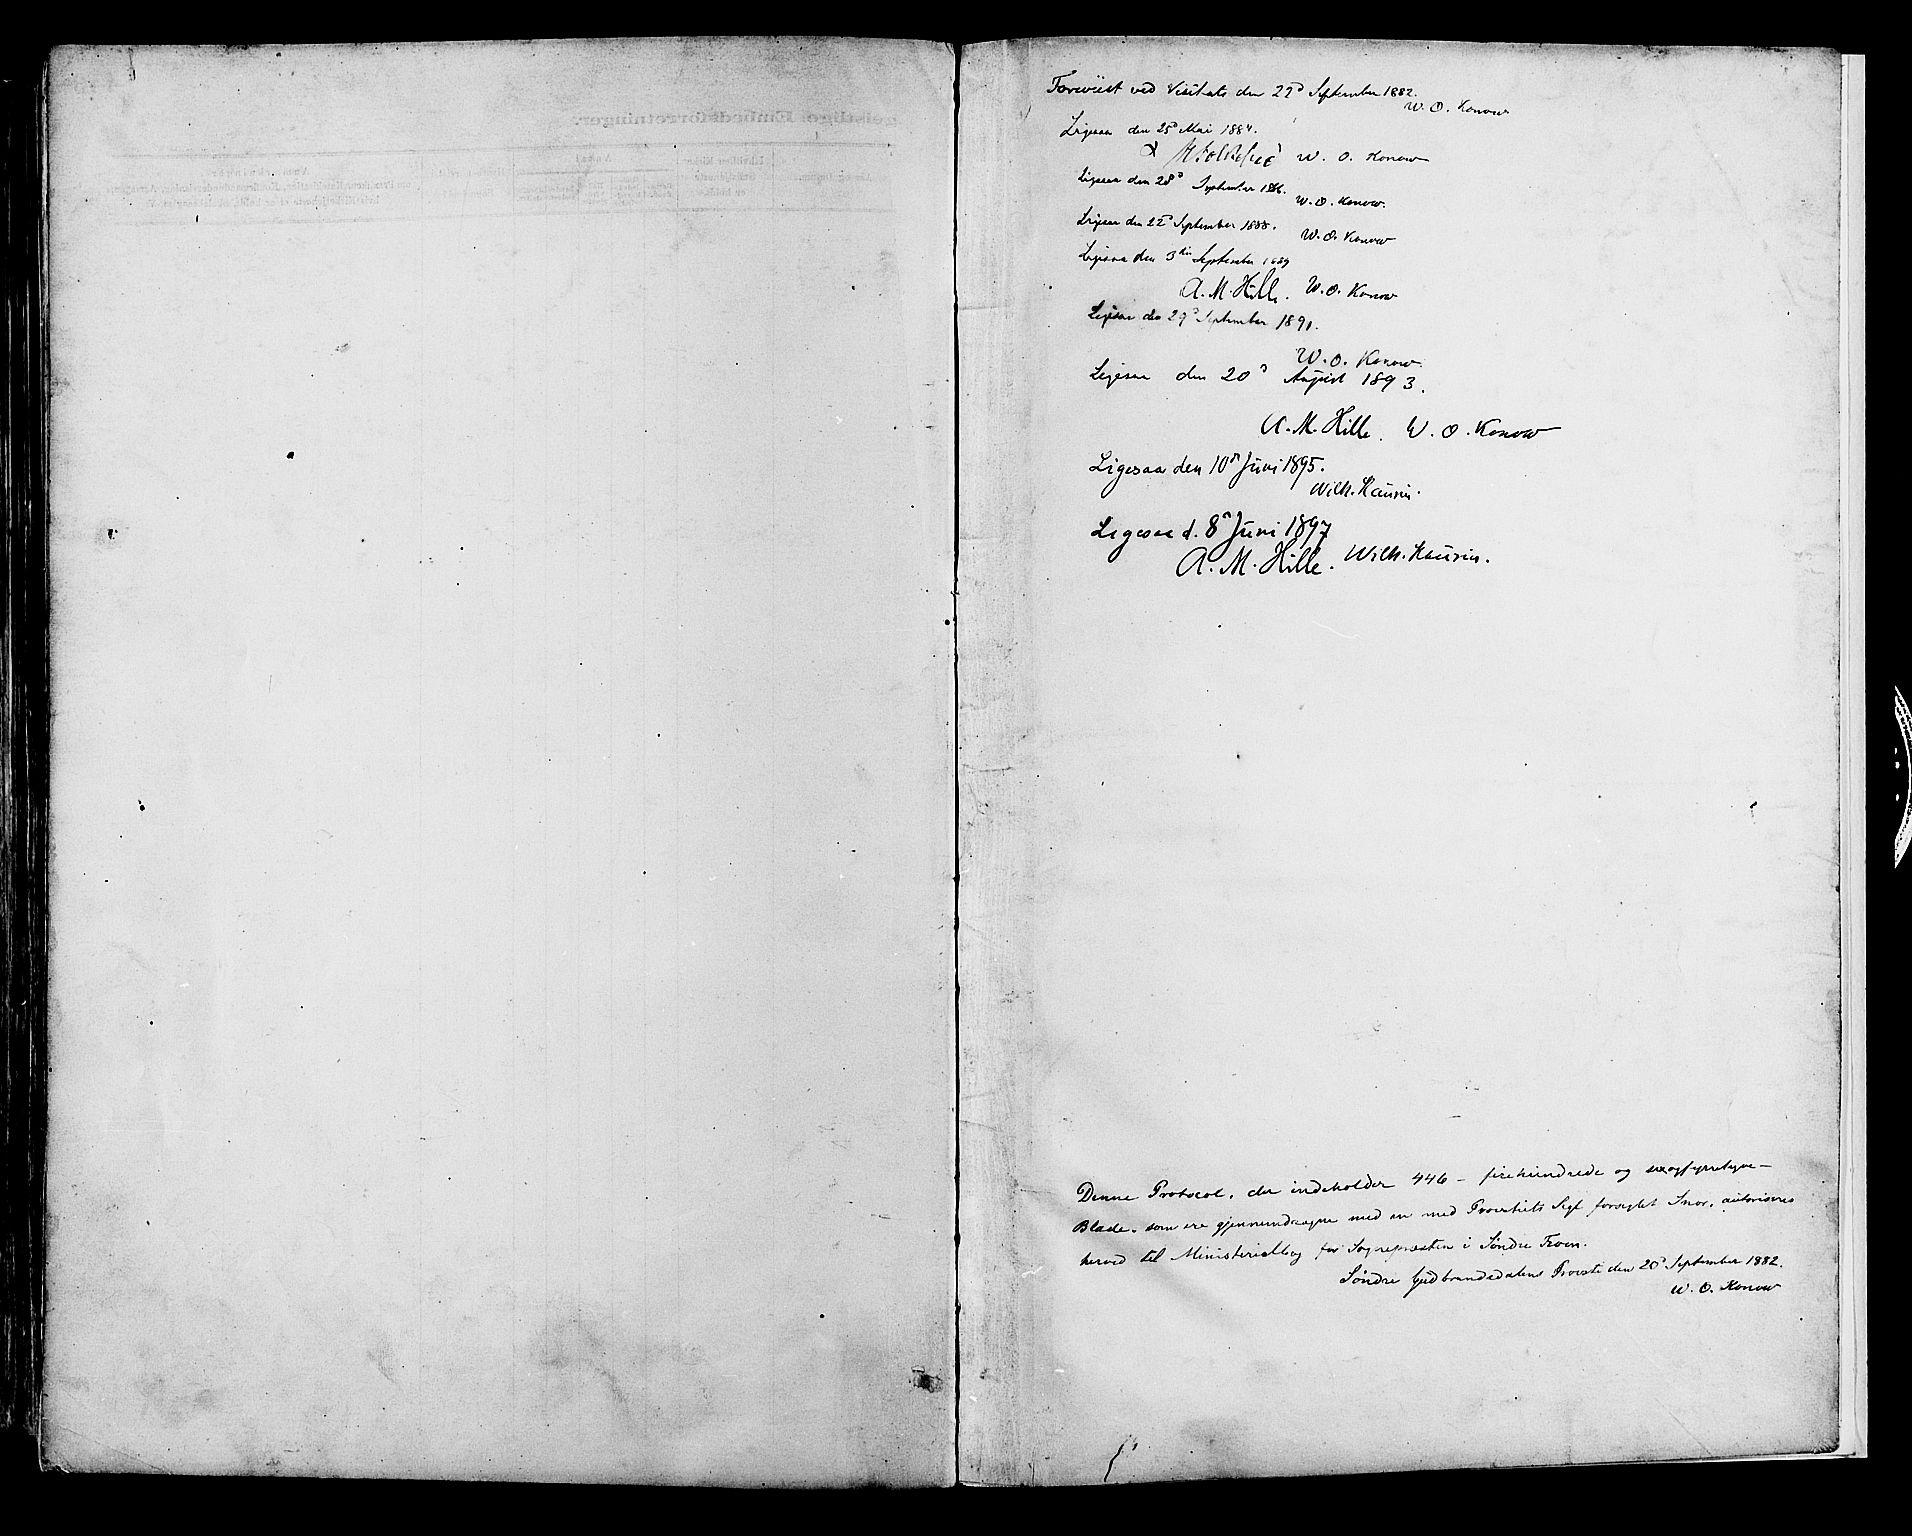 SAH, Sør-Fron prestekontor, H/Ha/Haa/L0003: Ministerialbok nr. 3, 1881-1897